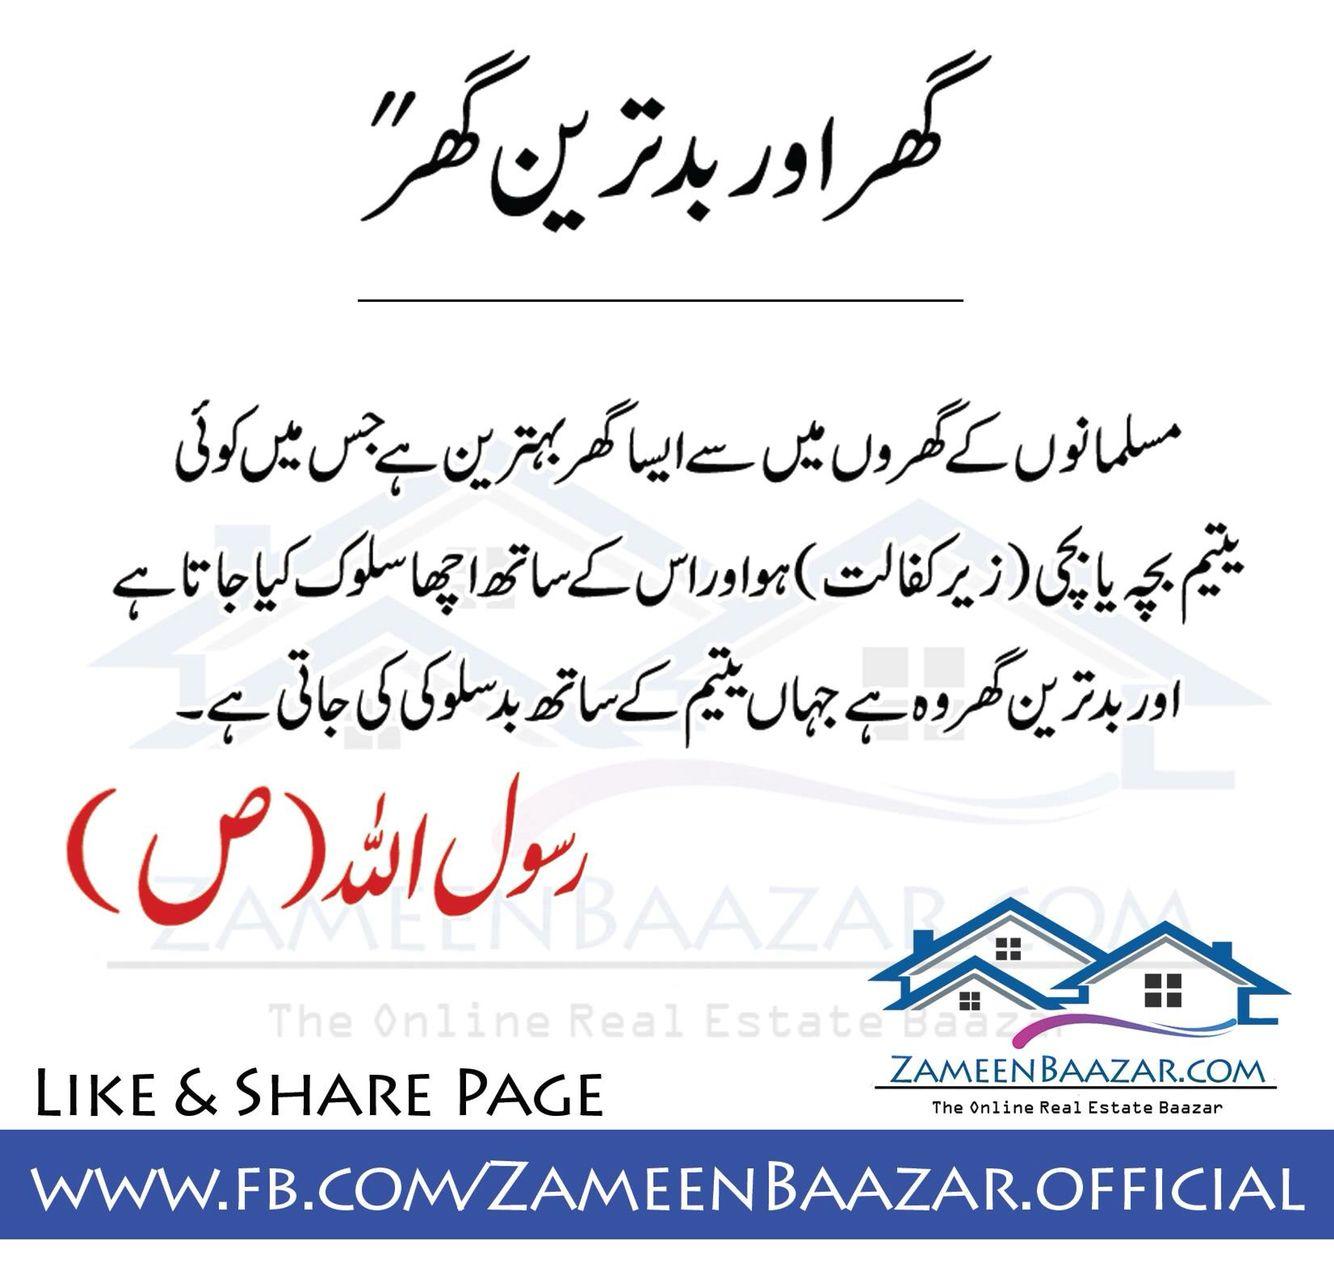 """""""بہترین گھر اور بدترین گھر"""" """"مسلمانوں مسلمانوں کے گھروں میں سے ایسا گھر بہترین ہے جس میں کوئی  یتیم بچہ یا بچی(زیرکفالت)ہو اور اس کے ساتھ اچھا سلوک کیا جاتا ہے اور بدترین گھر وہ ہے جہاں یتیم کے ساتھ بدسلوکی کی جاتی ہے ۔  رسول اللہ (ص) like and share  https://www.facebook.com/ZameenBaazar.official/"""